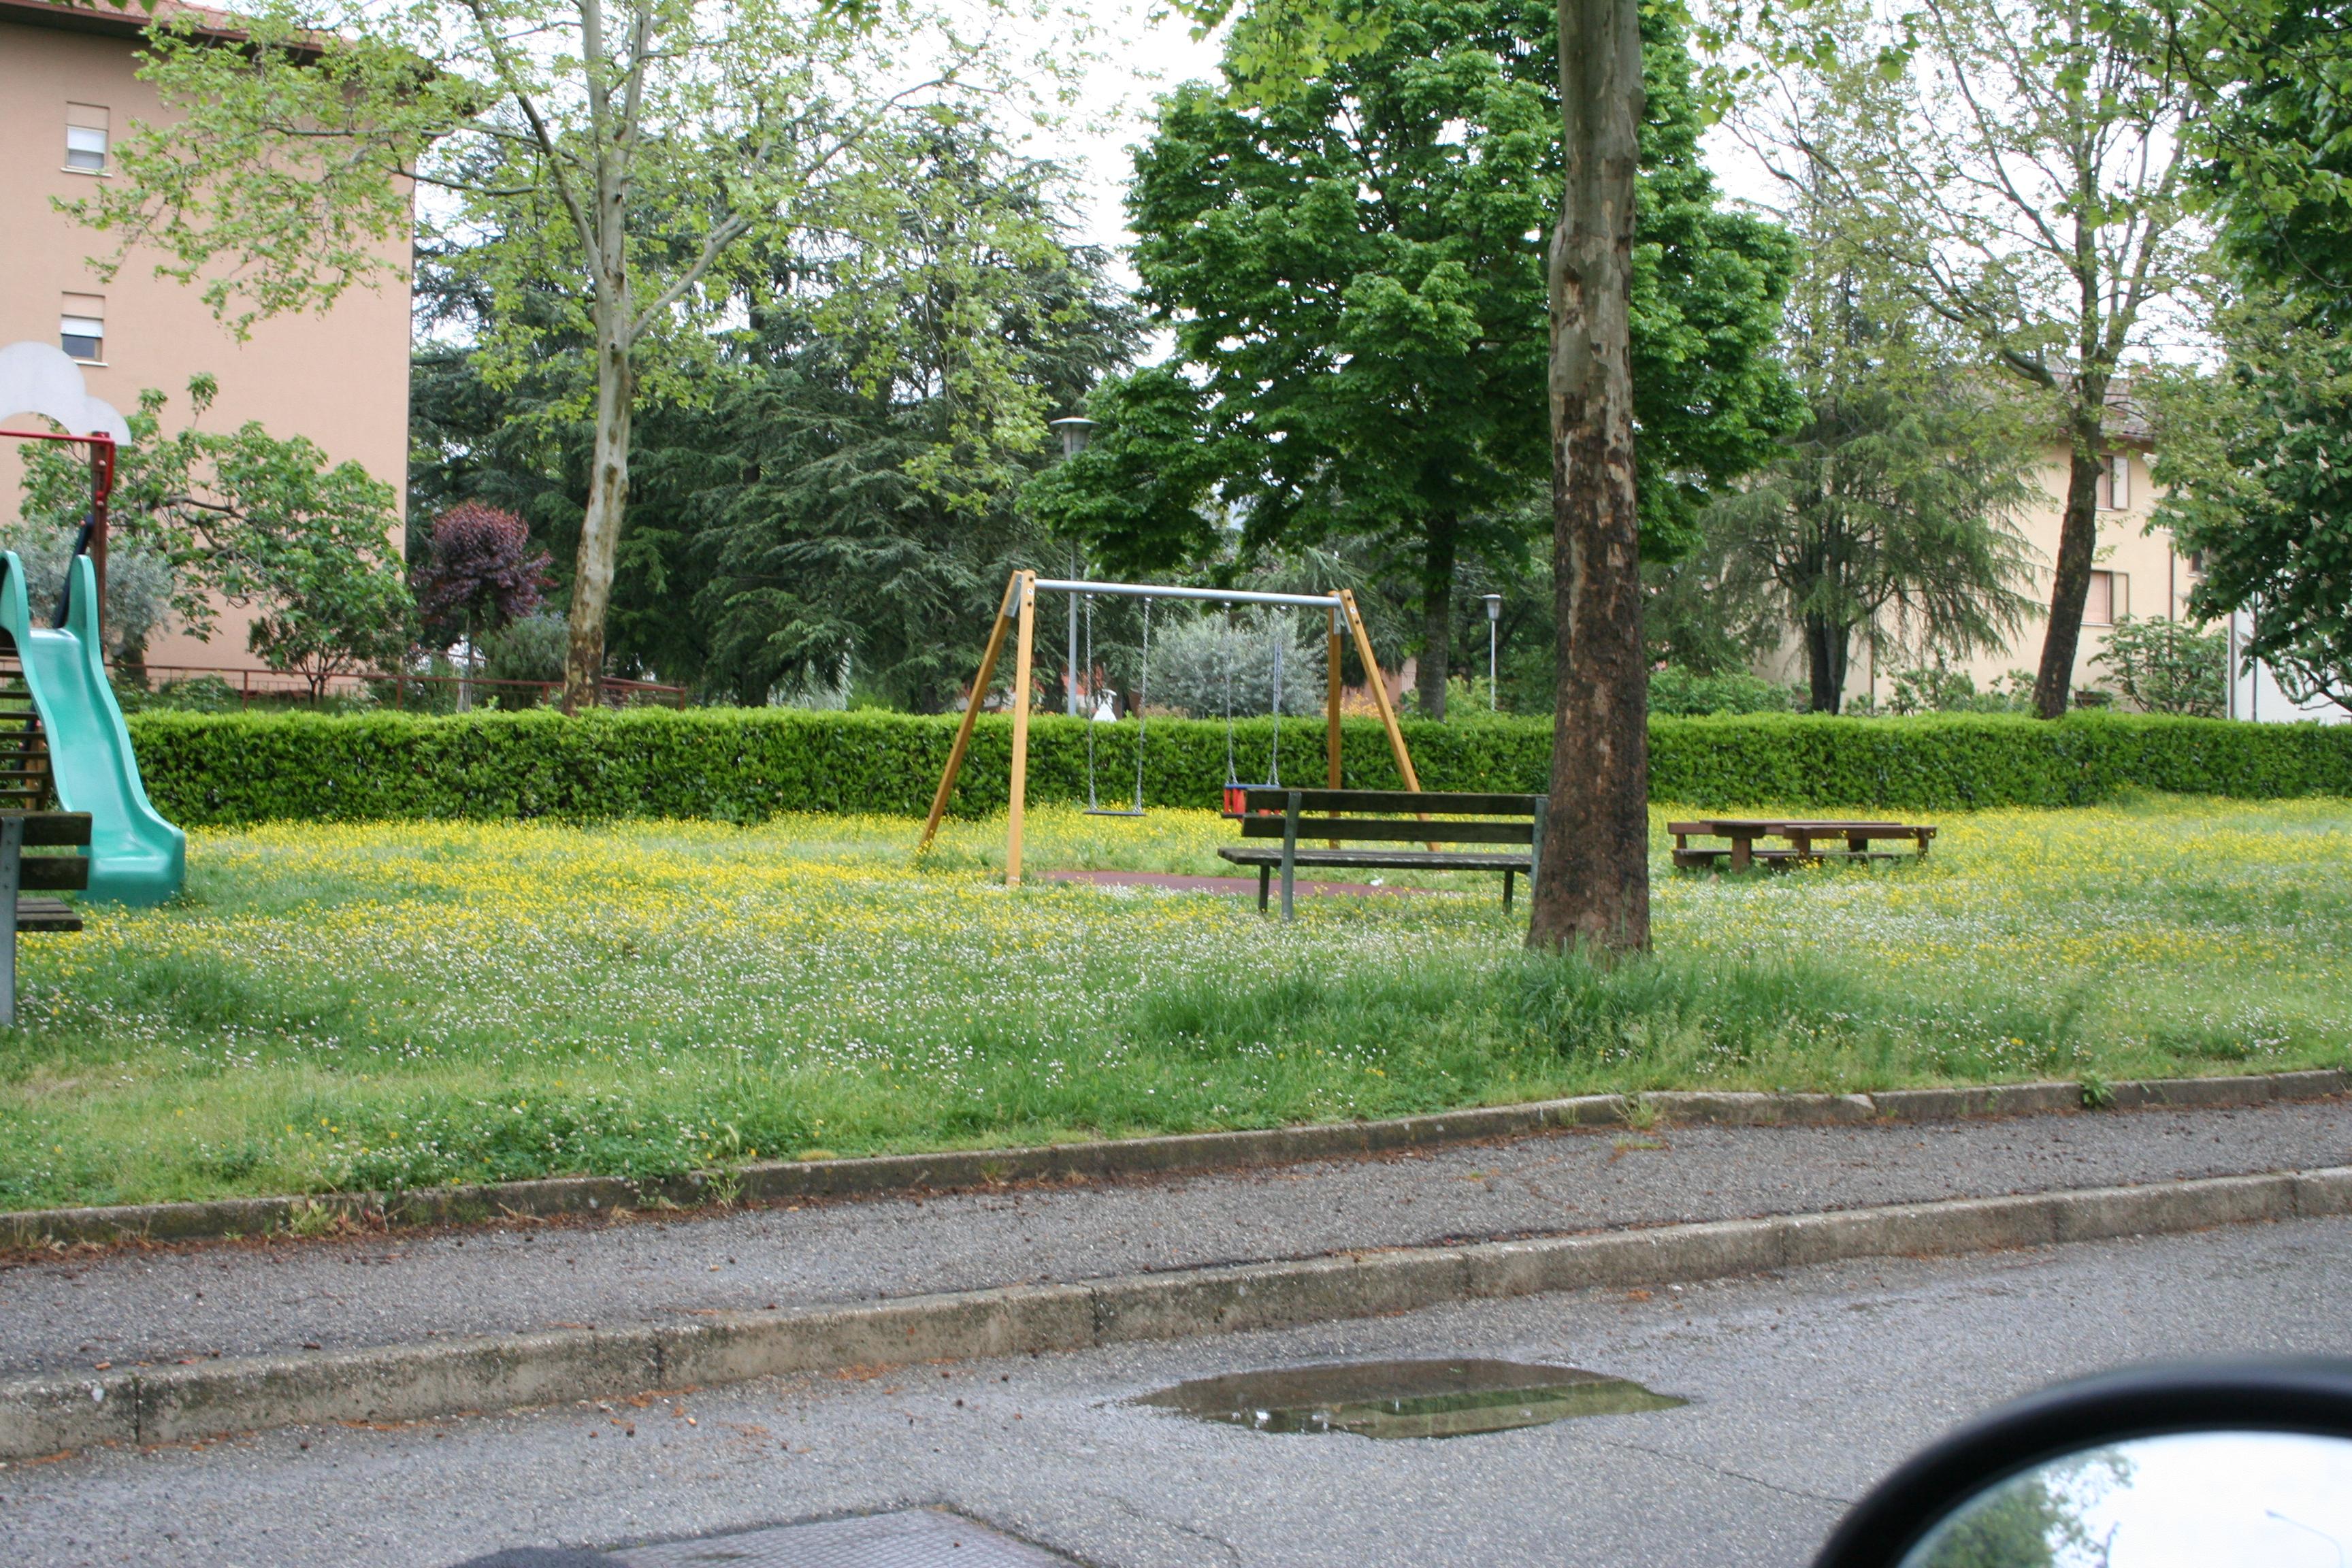 sansepolcro- giardino pubblico via clarke